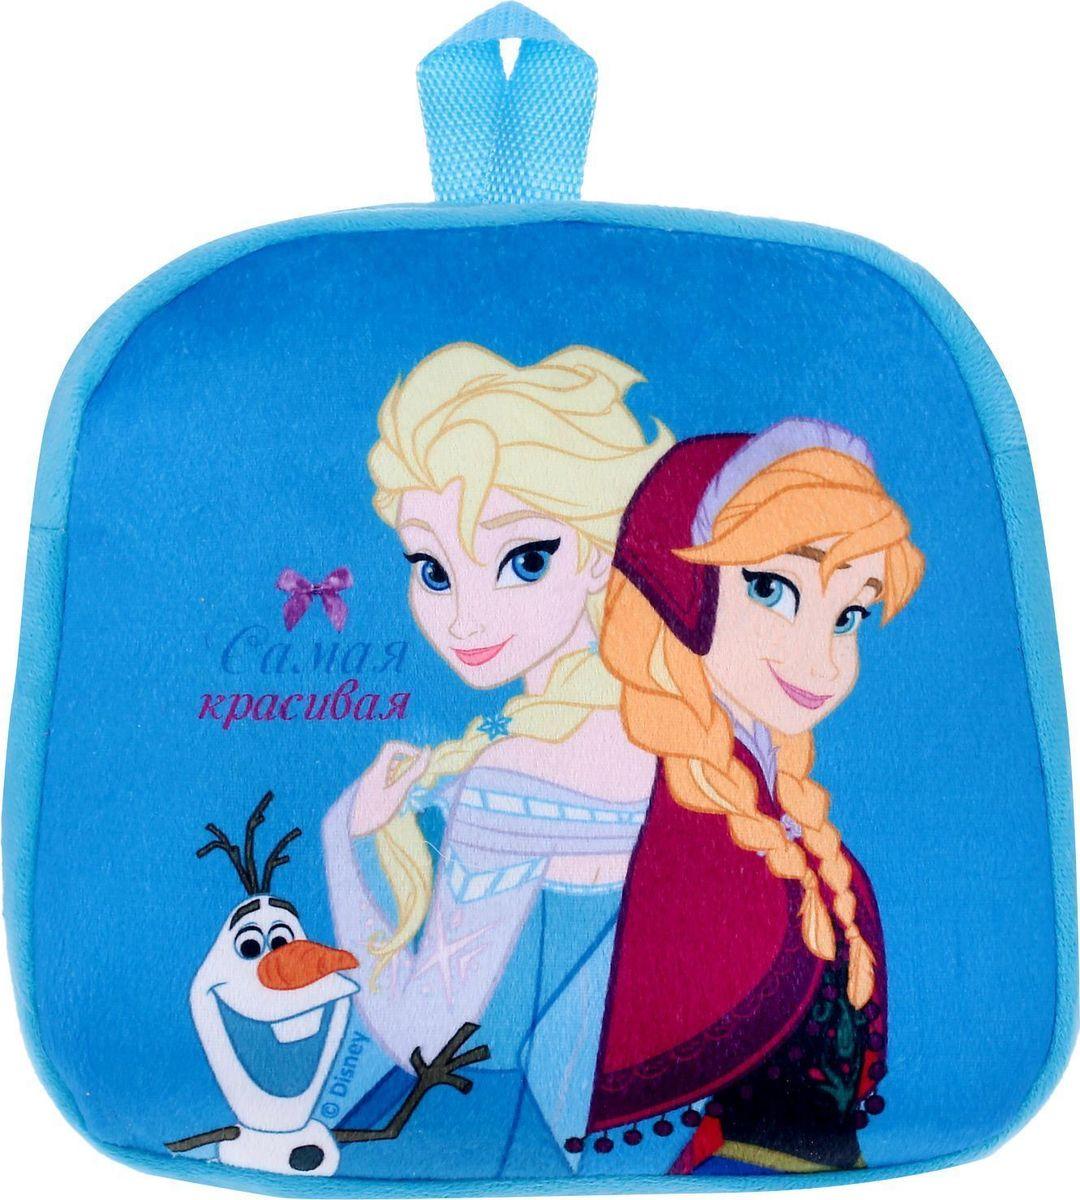 Disney Рюкзак дошкольный Холодное сердце Самая красивая1745531Дети обожают брать с собой игрушки. Для этого отлично подойдет небольшой, но вместительный рюкзачок Disney!Это не просто рюкзак, но и безумно приятная на ощупь игрушка! Изделие изготовлено из качественного мягкого плюша. Молния надежно сохранит все вещи внутри, а регулируемые ремешки сделают время, проведенное с любимым героем, еще комфортнее! Сверху имеется удобная ручка для переноски рюкзака в руке.Шильдик с незаполненным полем, который прилагается к изделию, вы можете использовать как мини-открытку.